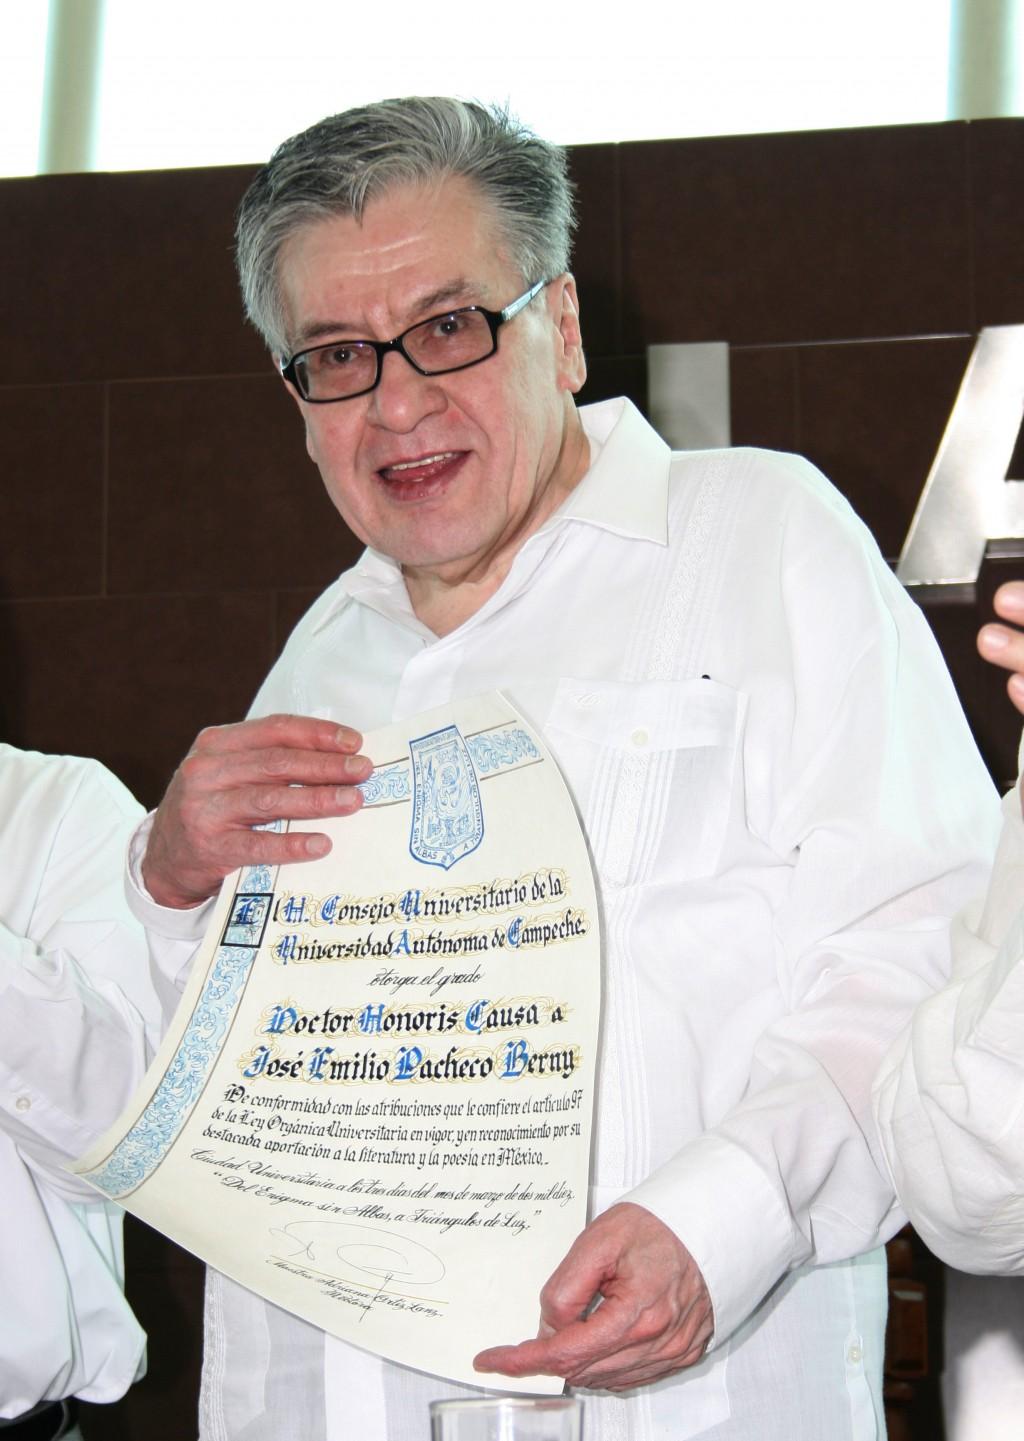 El legado de José Emilio Pacheco fue su amor a las palabras, dice su viuda